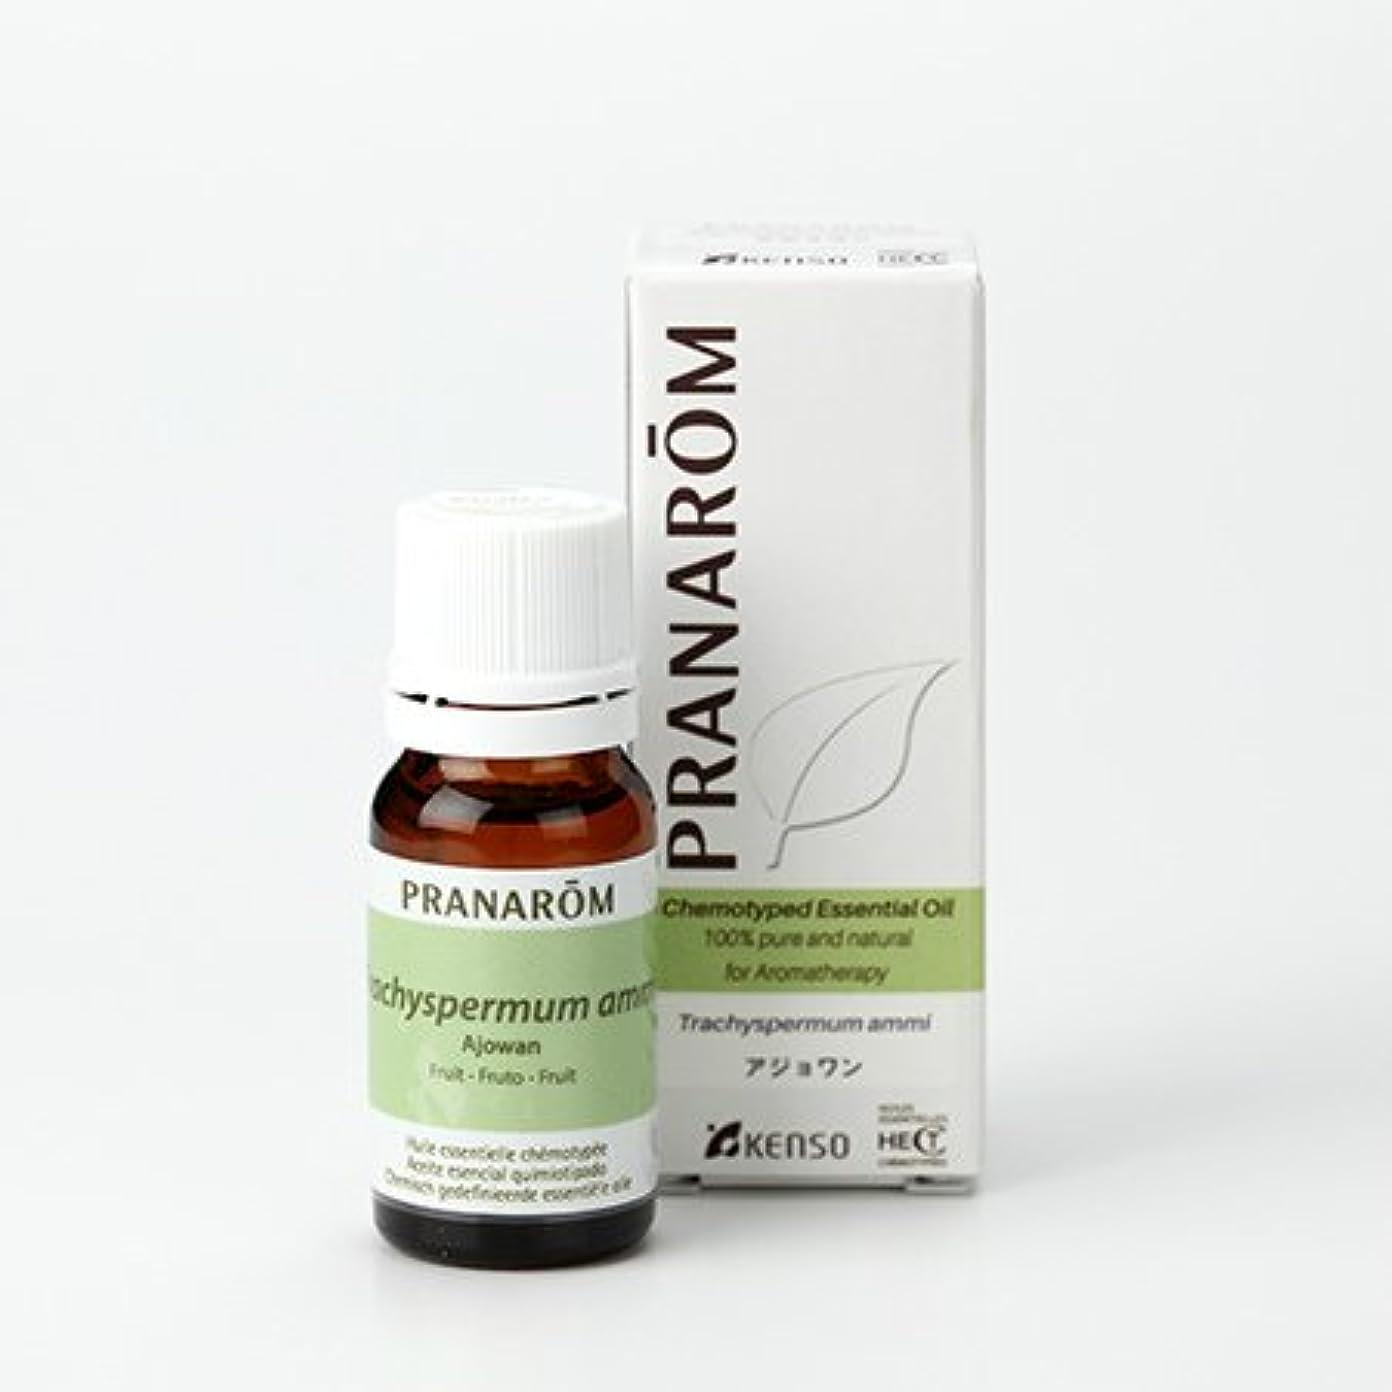 主観的朝ごはん生き残りプラナロム アジョワン 10ml (PRANAROM ケモタイプ精油)